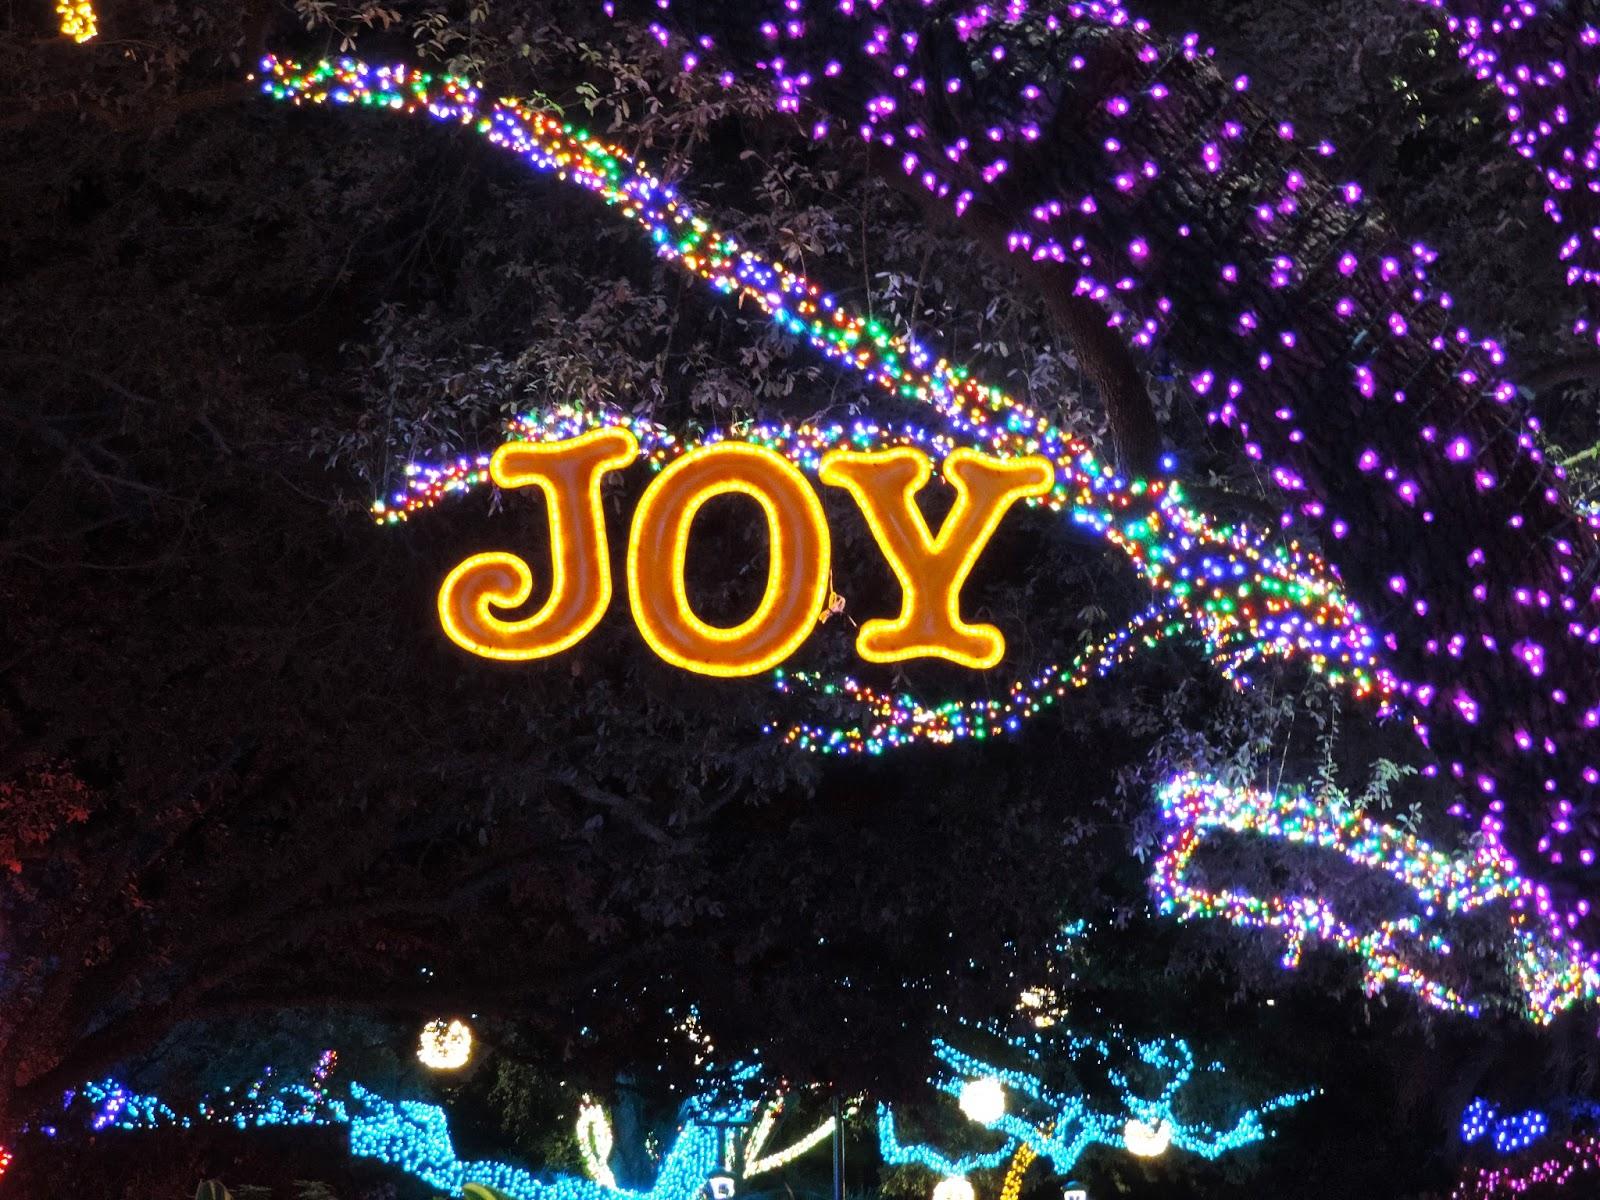 Golden Roses Houston Zoo Lights